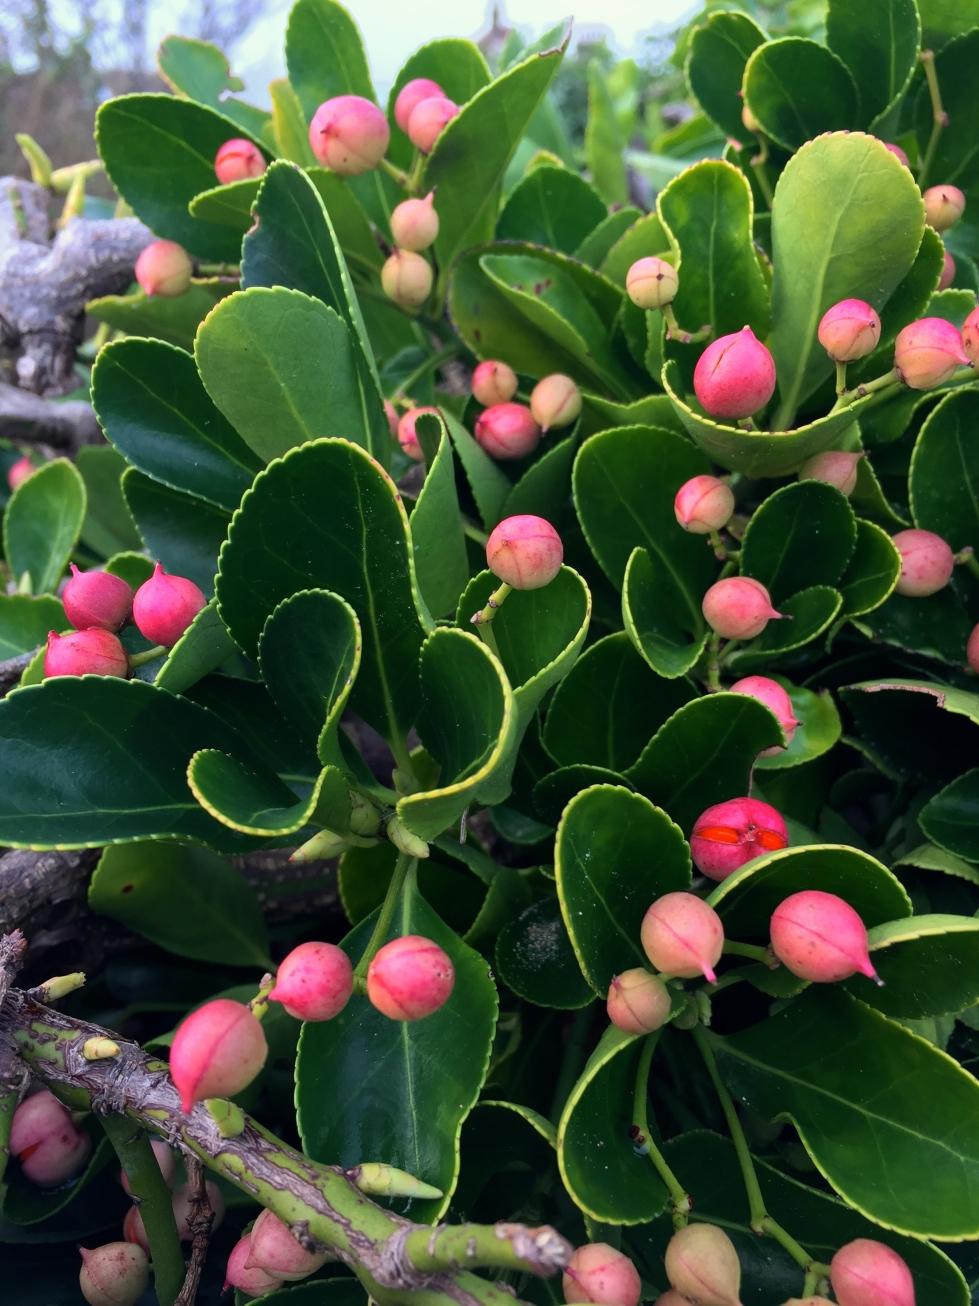 Euonymus japonicus, Victoria Gardens, Broadstairs, Jan 2015